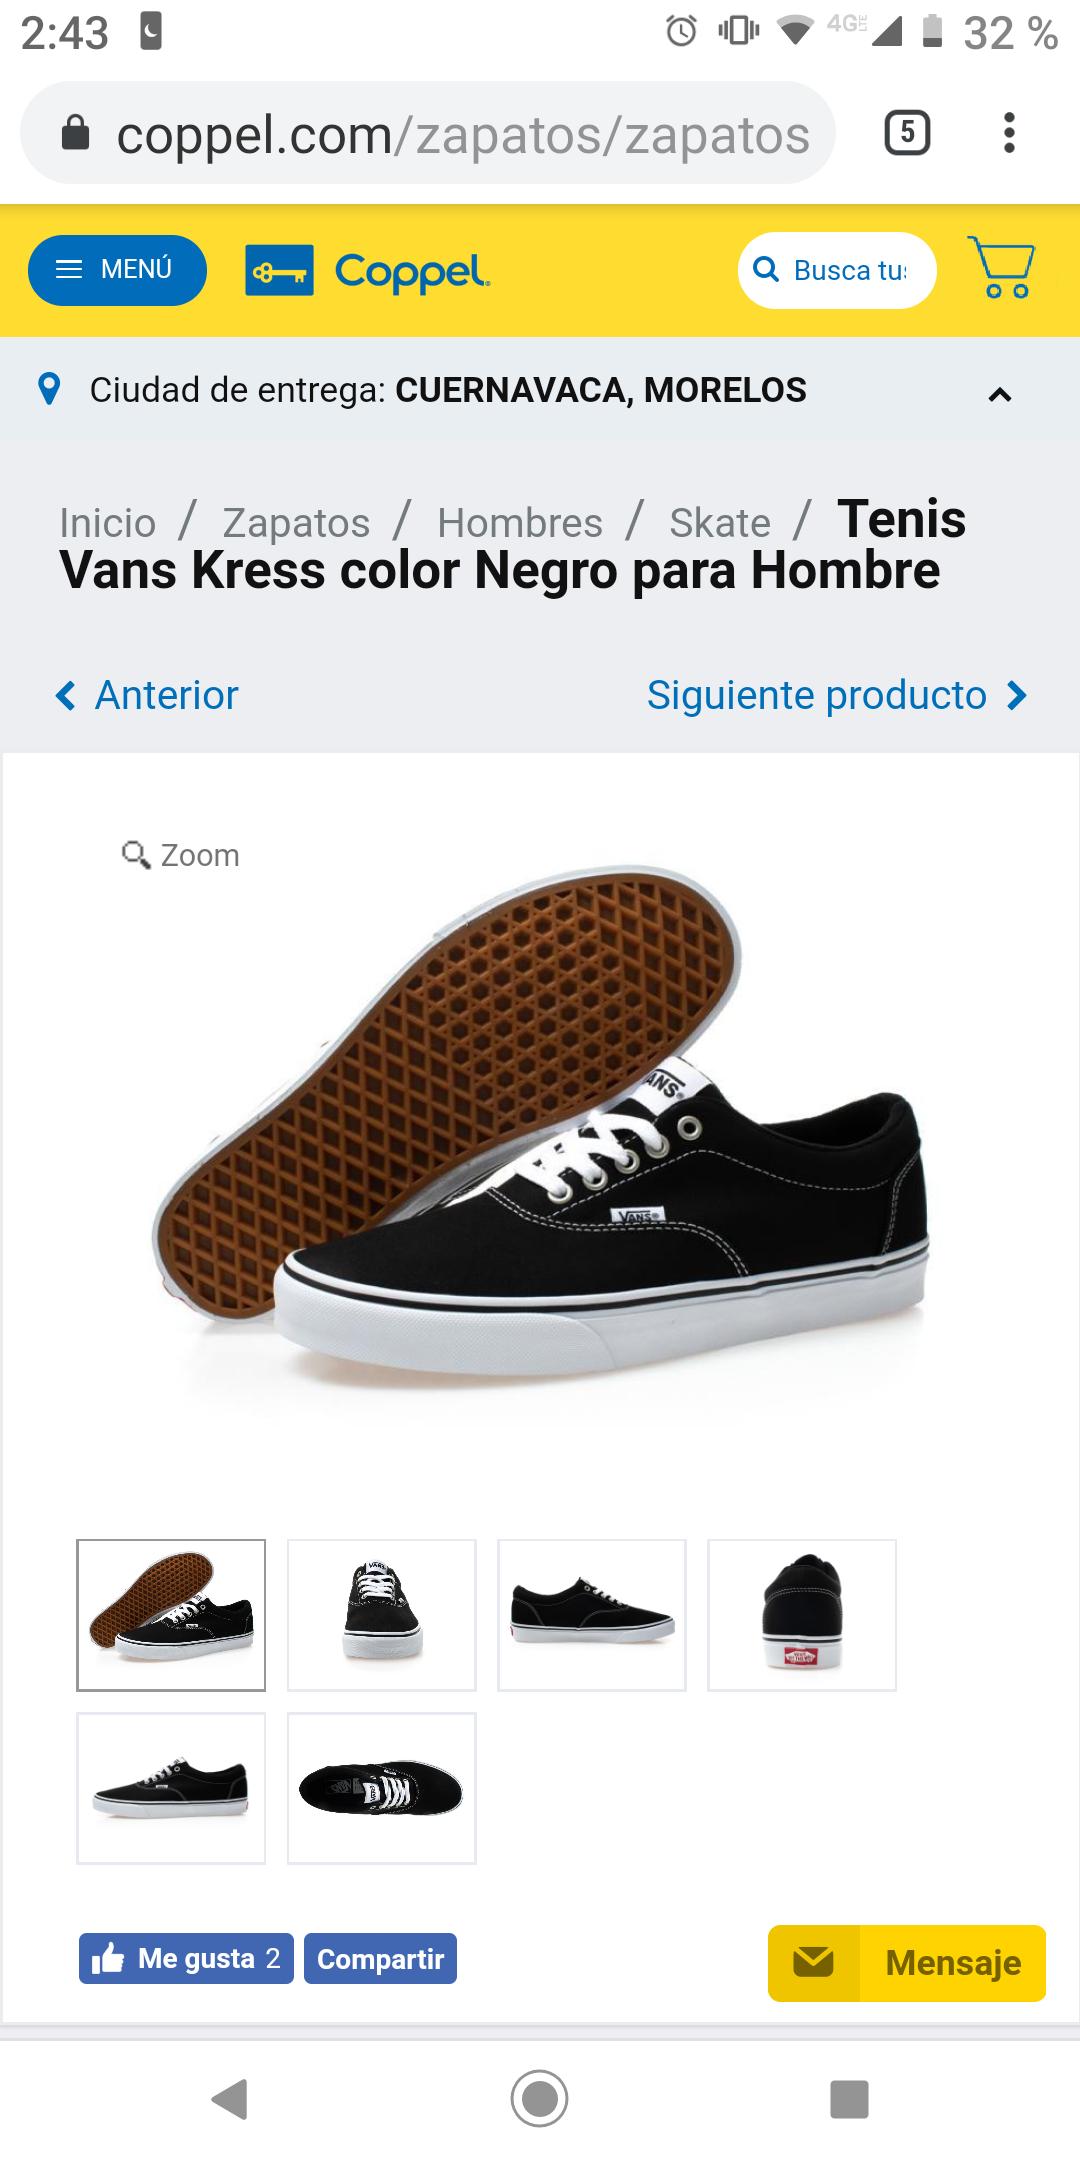 Coppel Tenis Vans Kress color Negro para Hombre